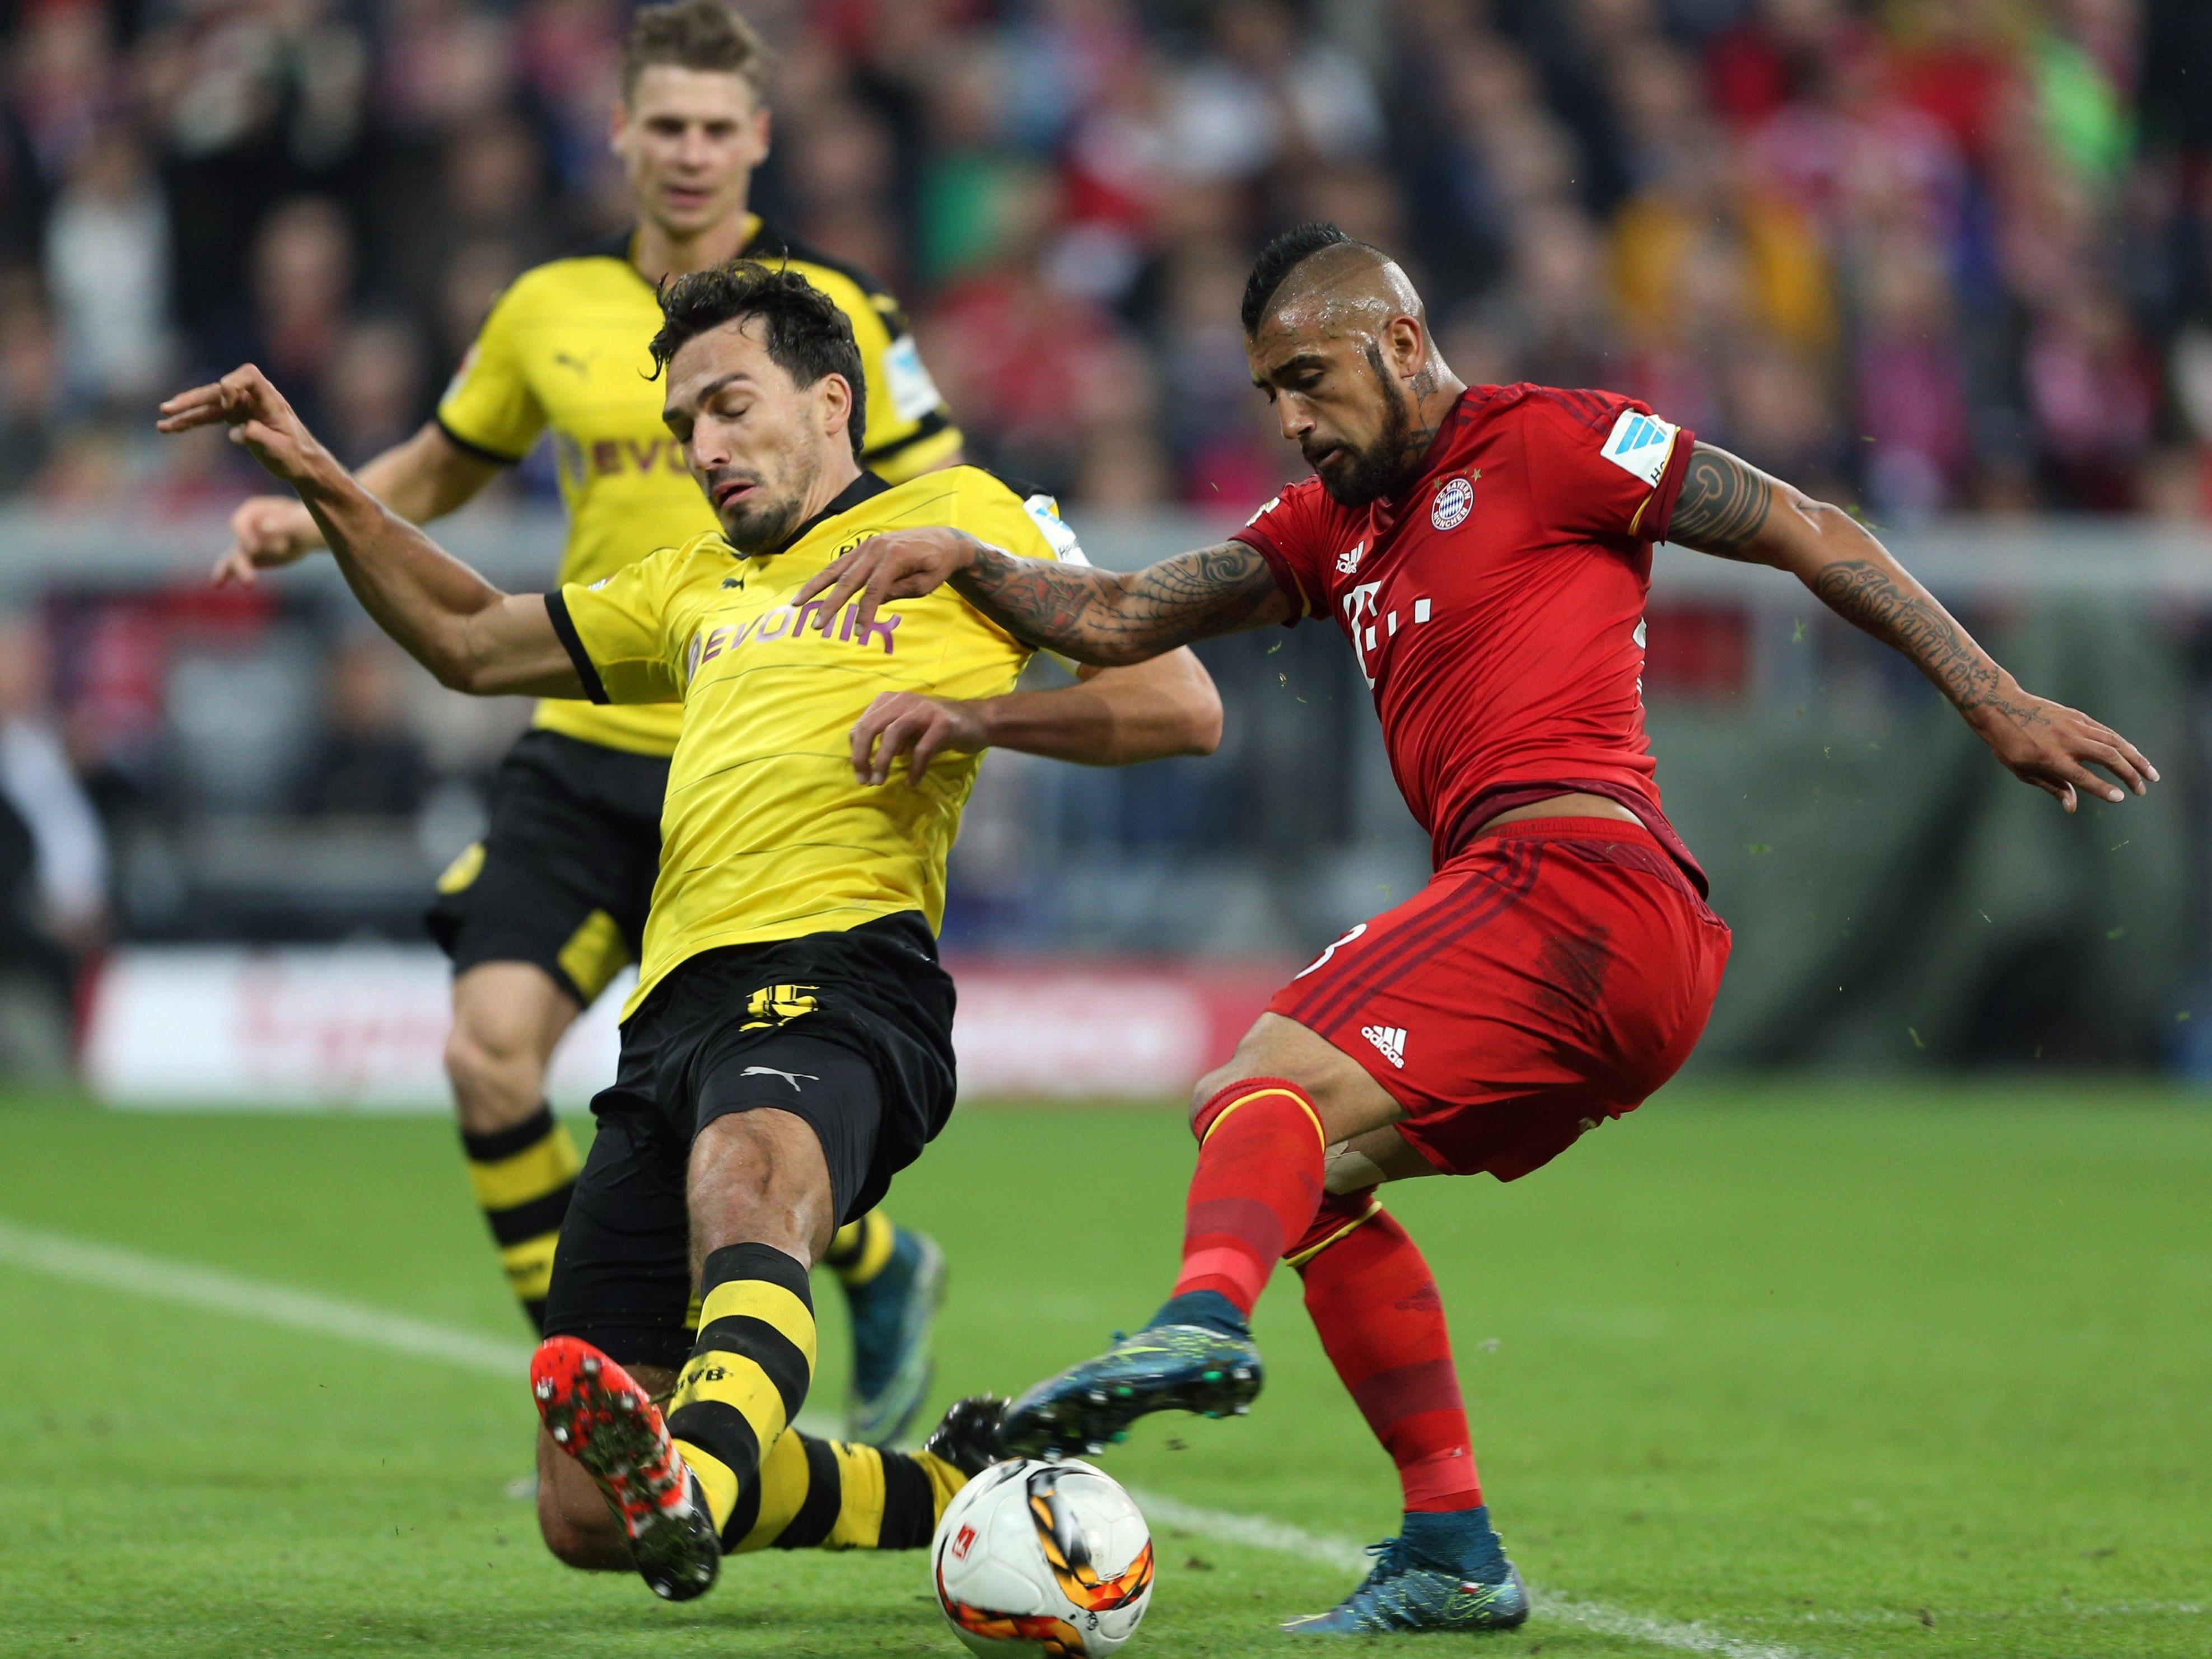 Showdown zwischen Bayern und Dortmund.